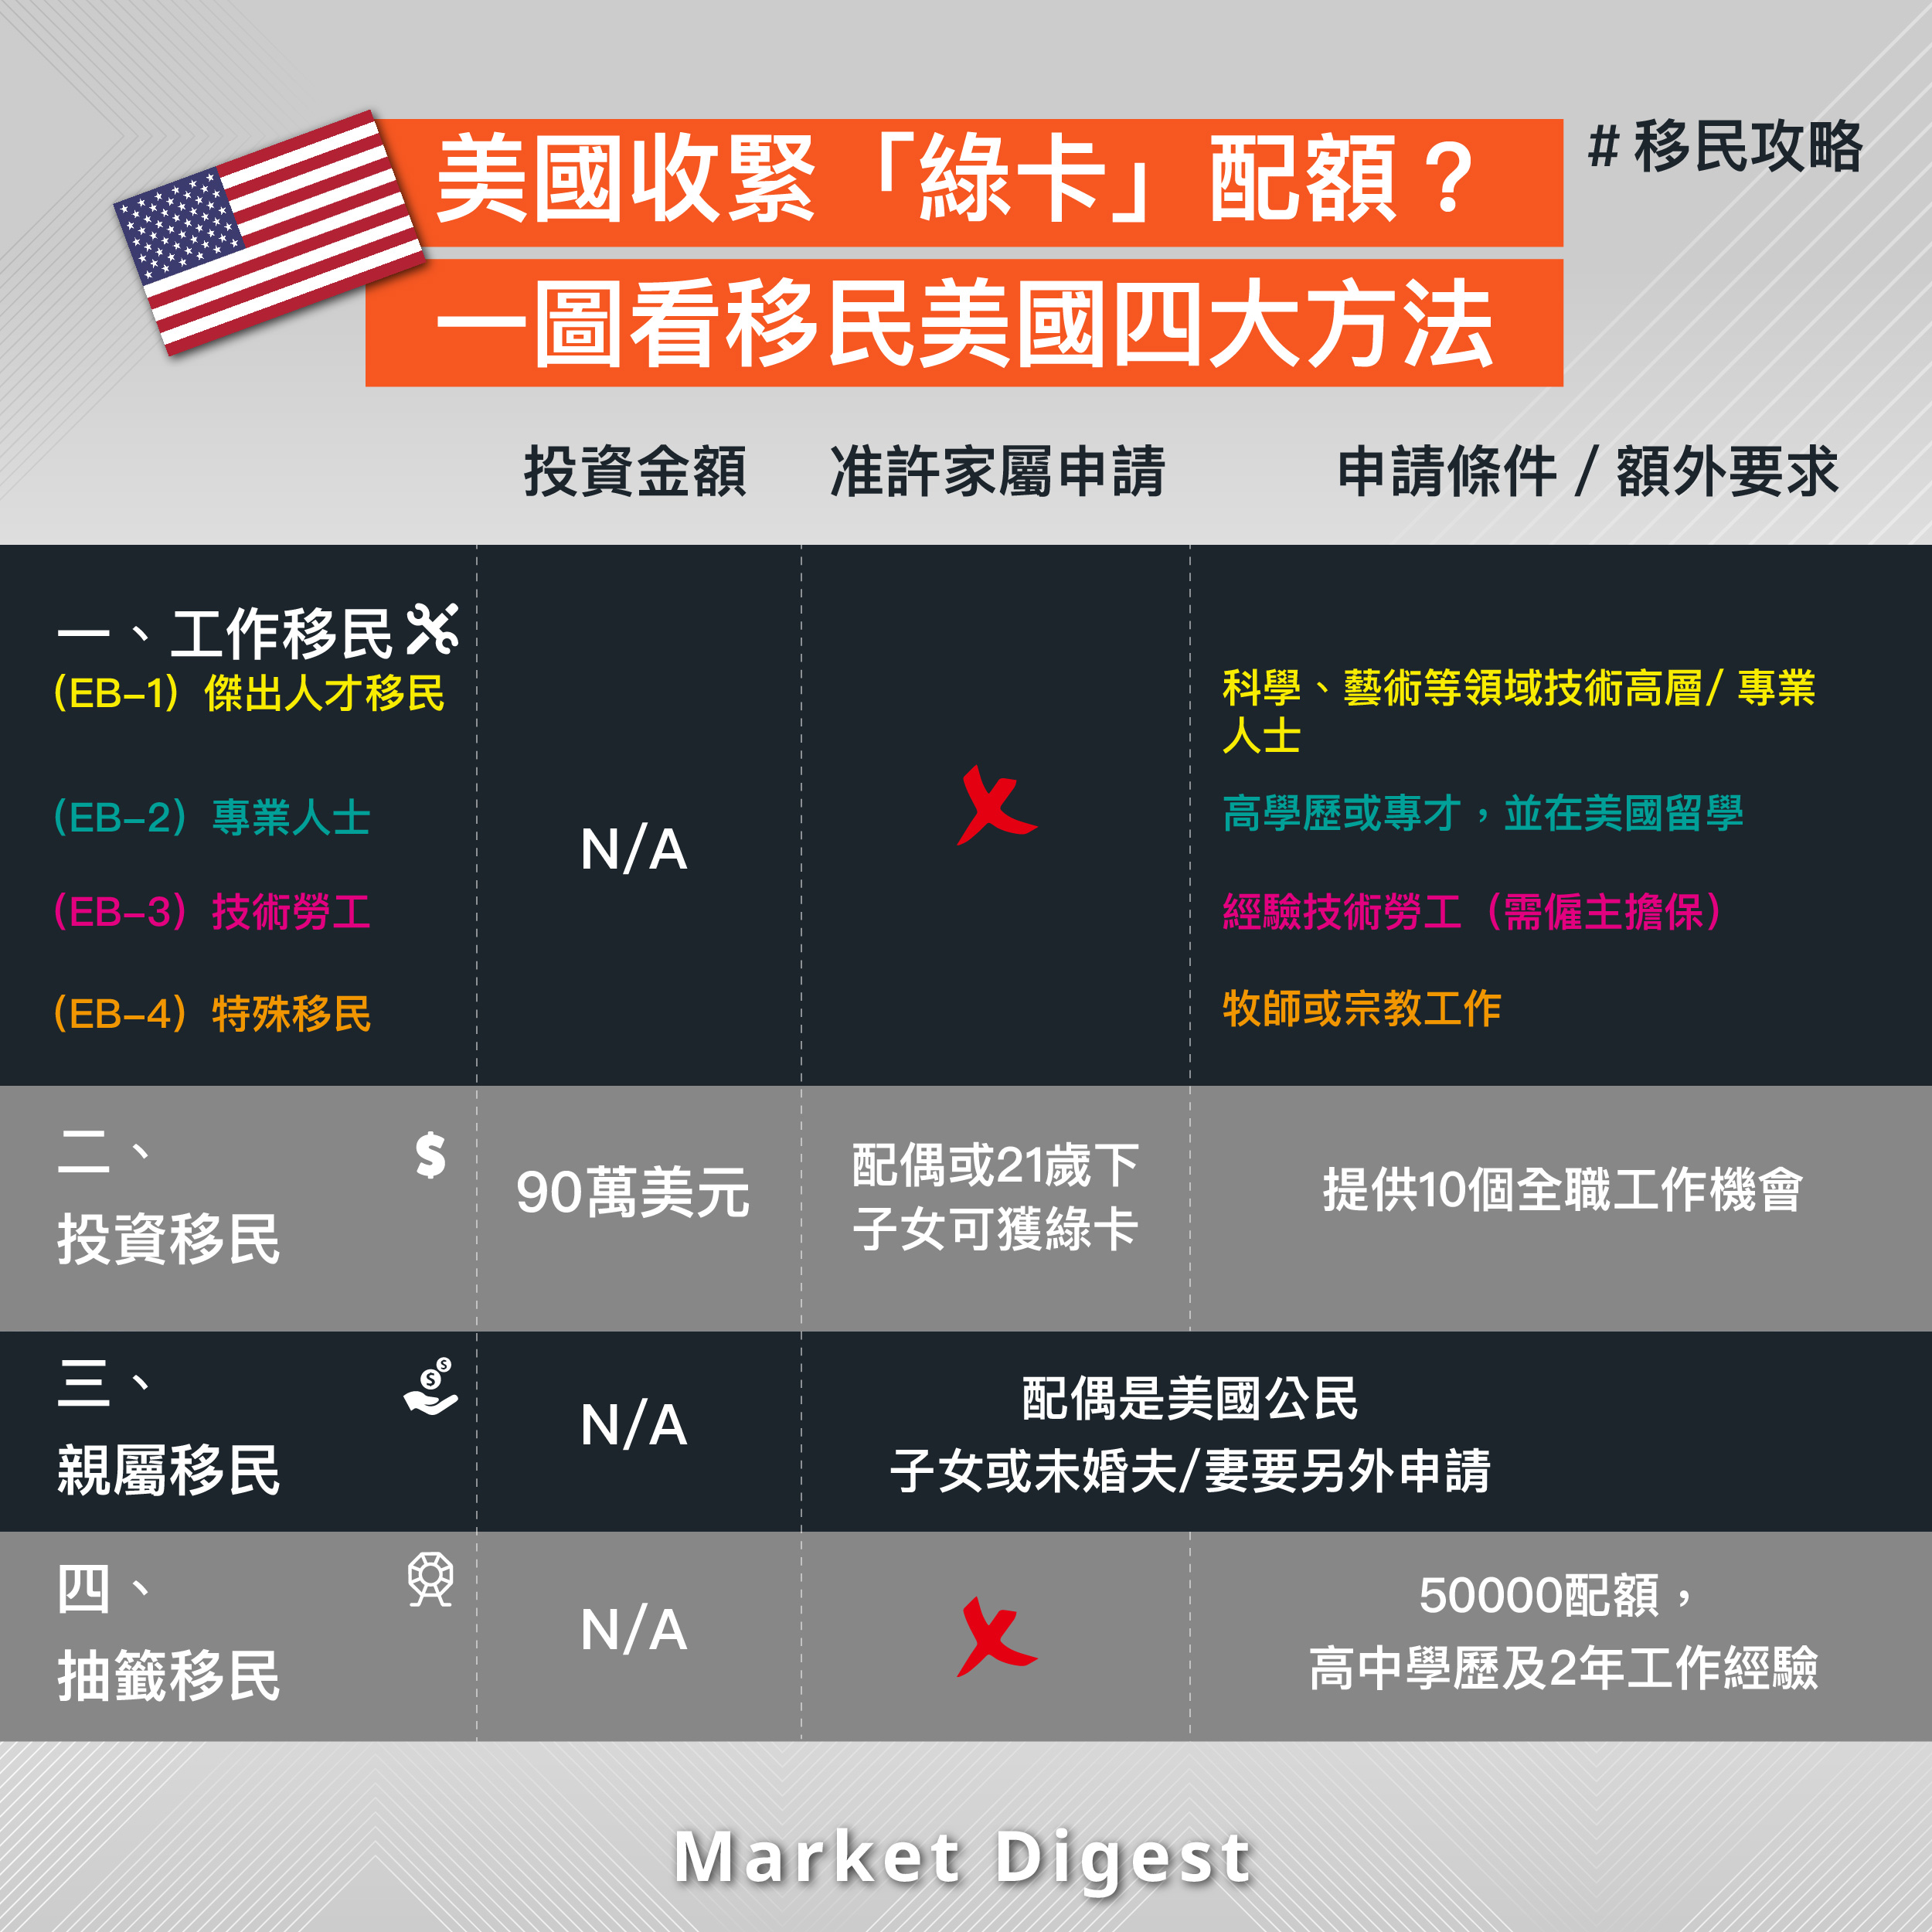 【移民攻略】美國收緊「綠卡」配額? 一圖看移民美國四大方法